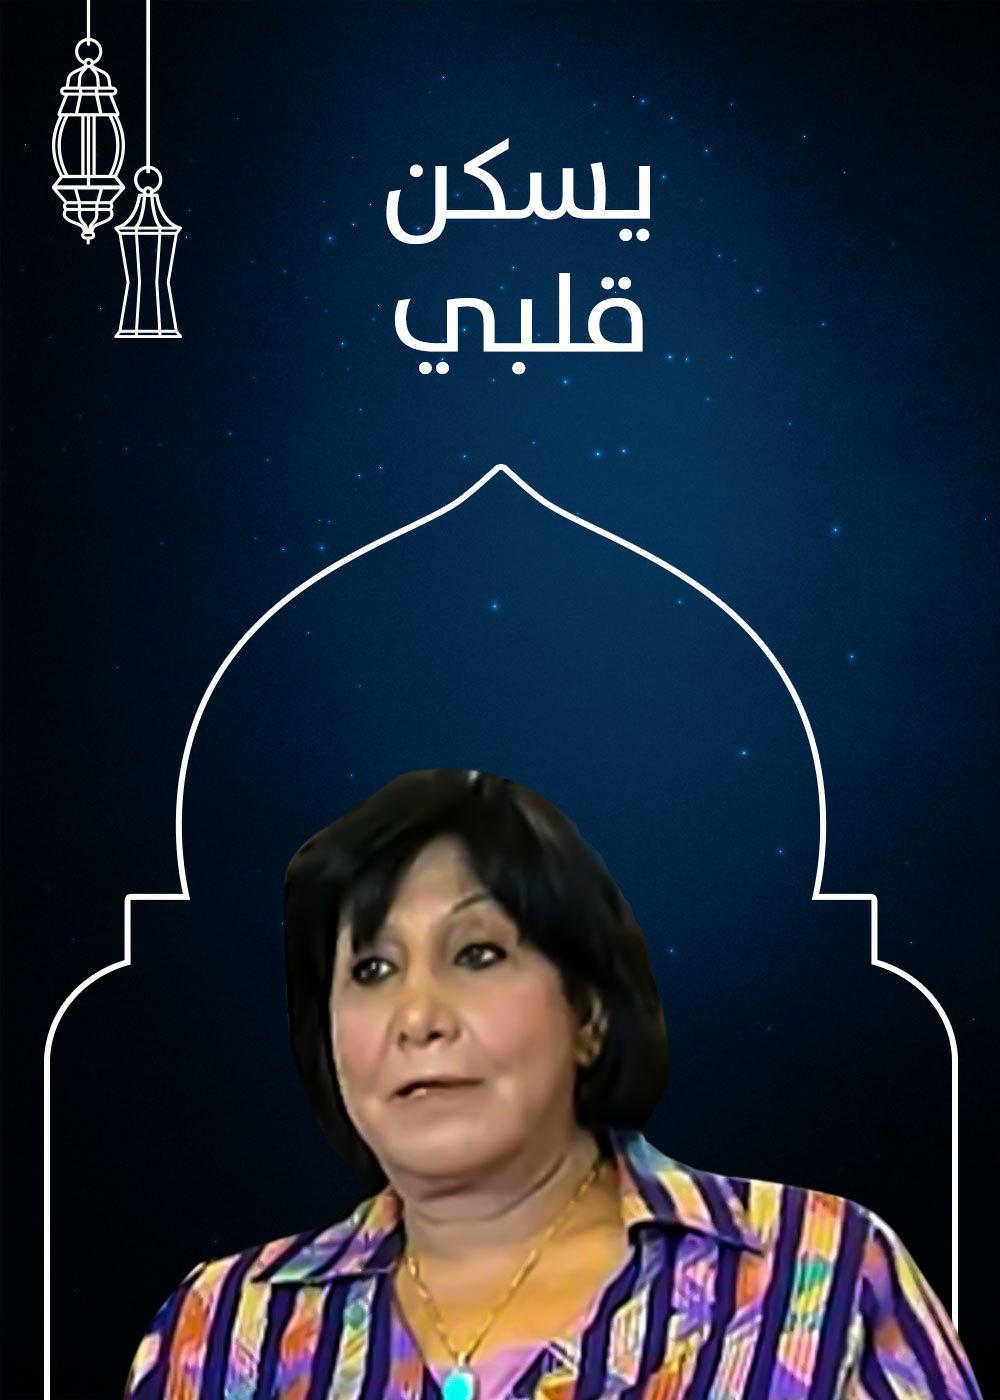 قصة وأحداث مسلسل يسكن قلبي رمضان 2019